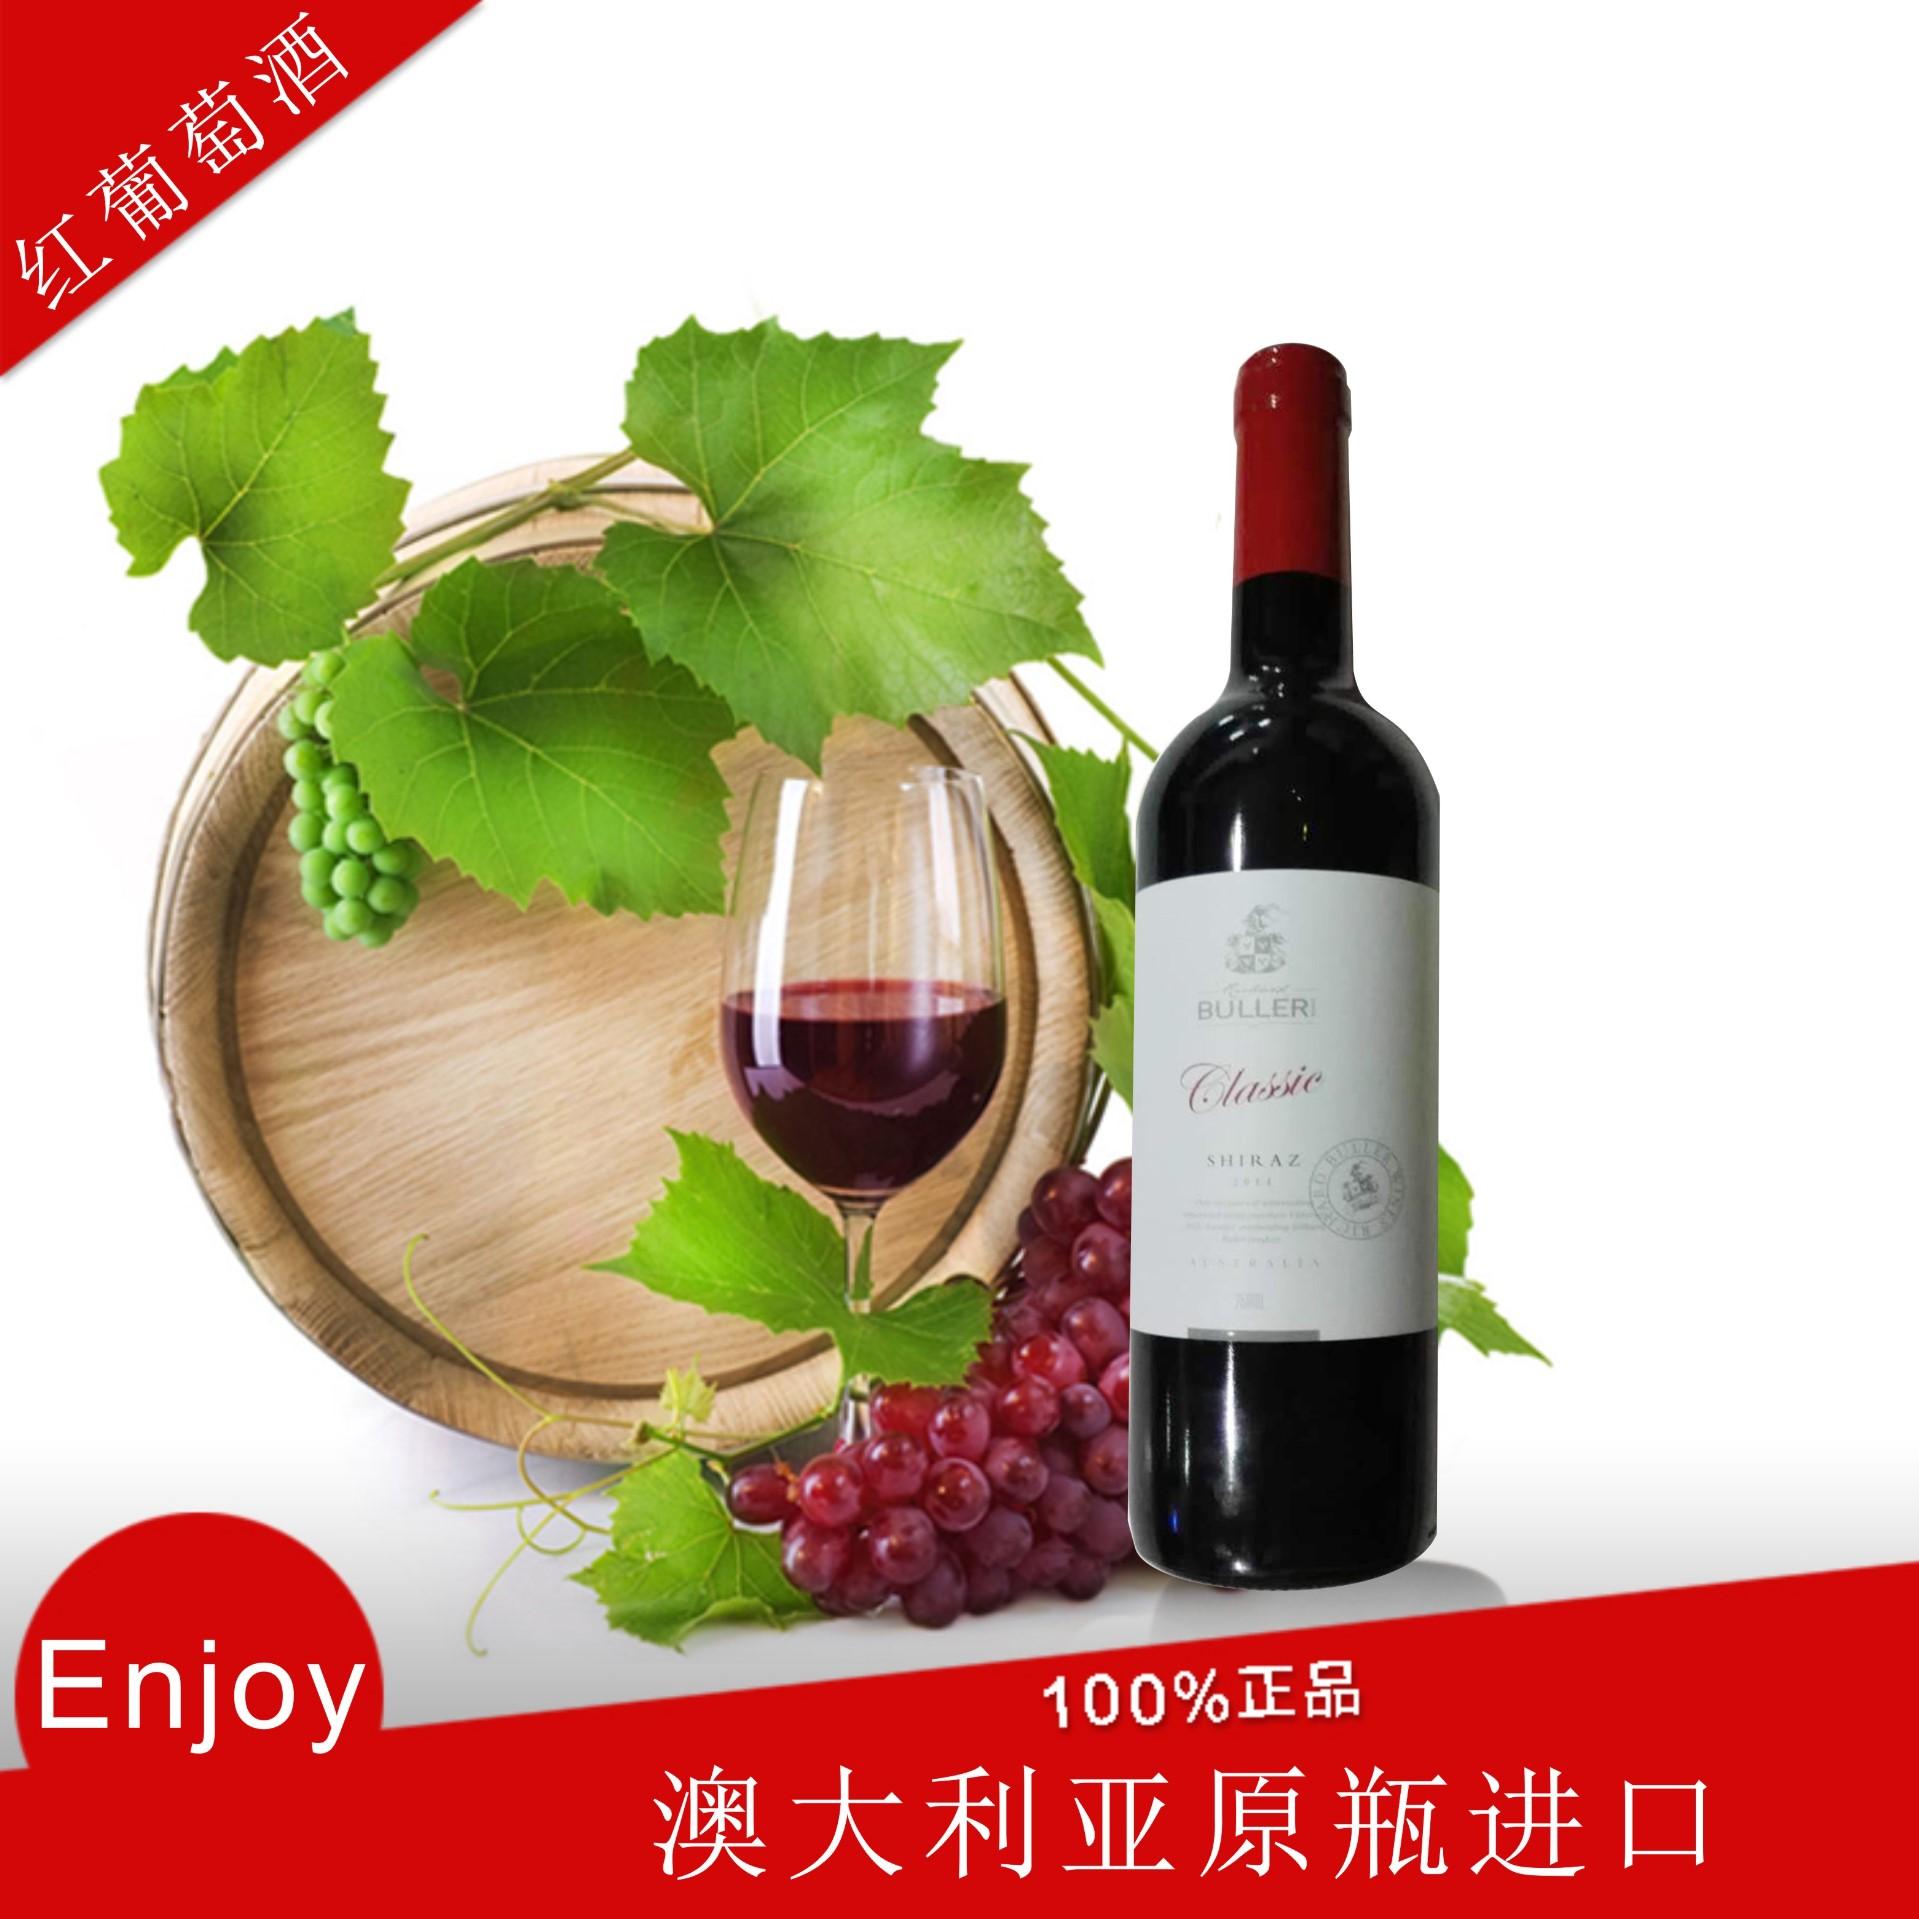 澳洲原装进口红酒